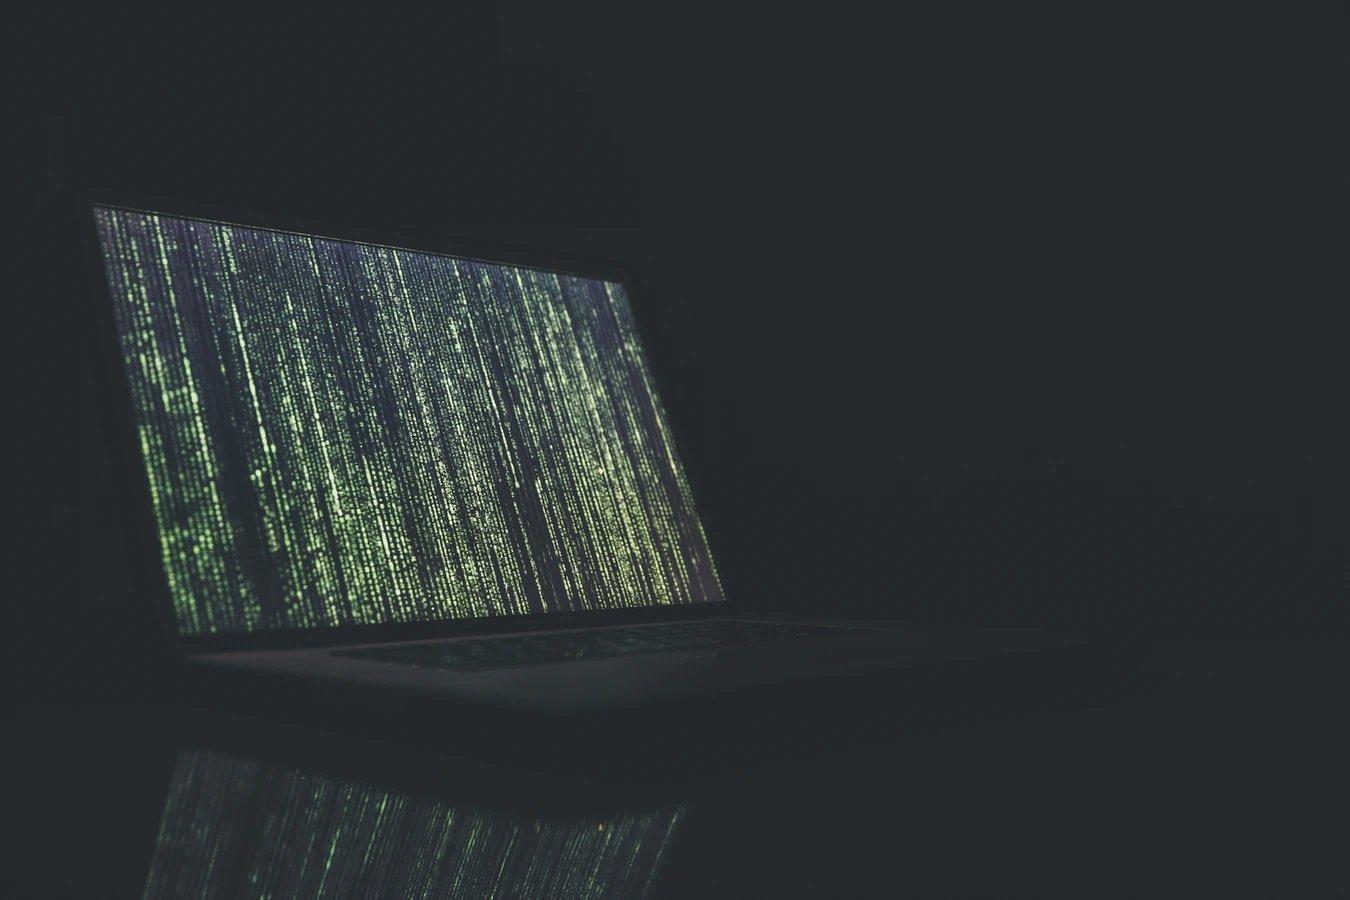 malware em Código de computador